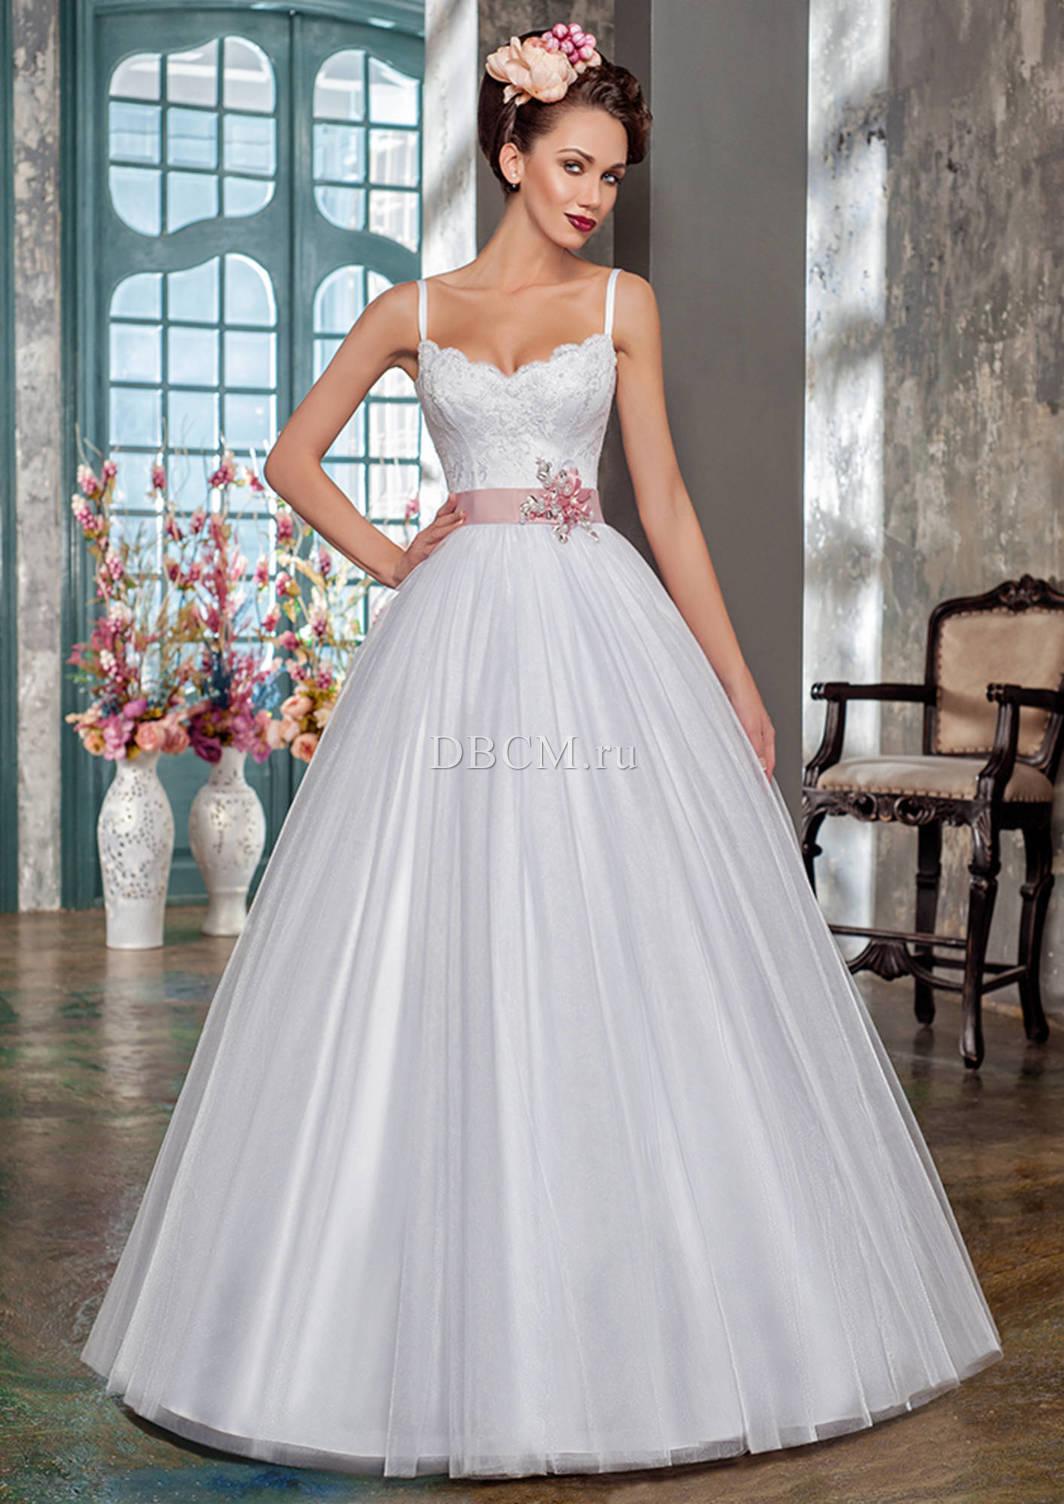 Свадебные Платья В Обнинске Ассортимент И Цены